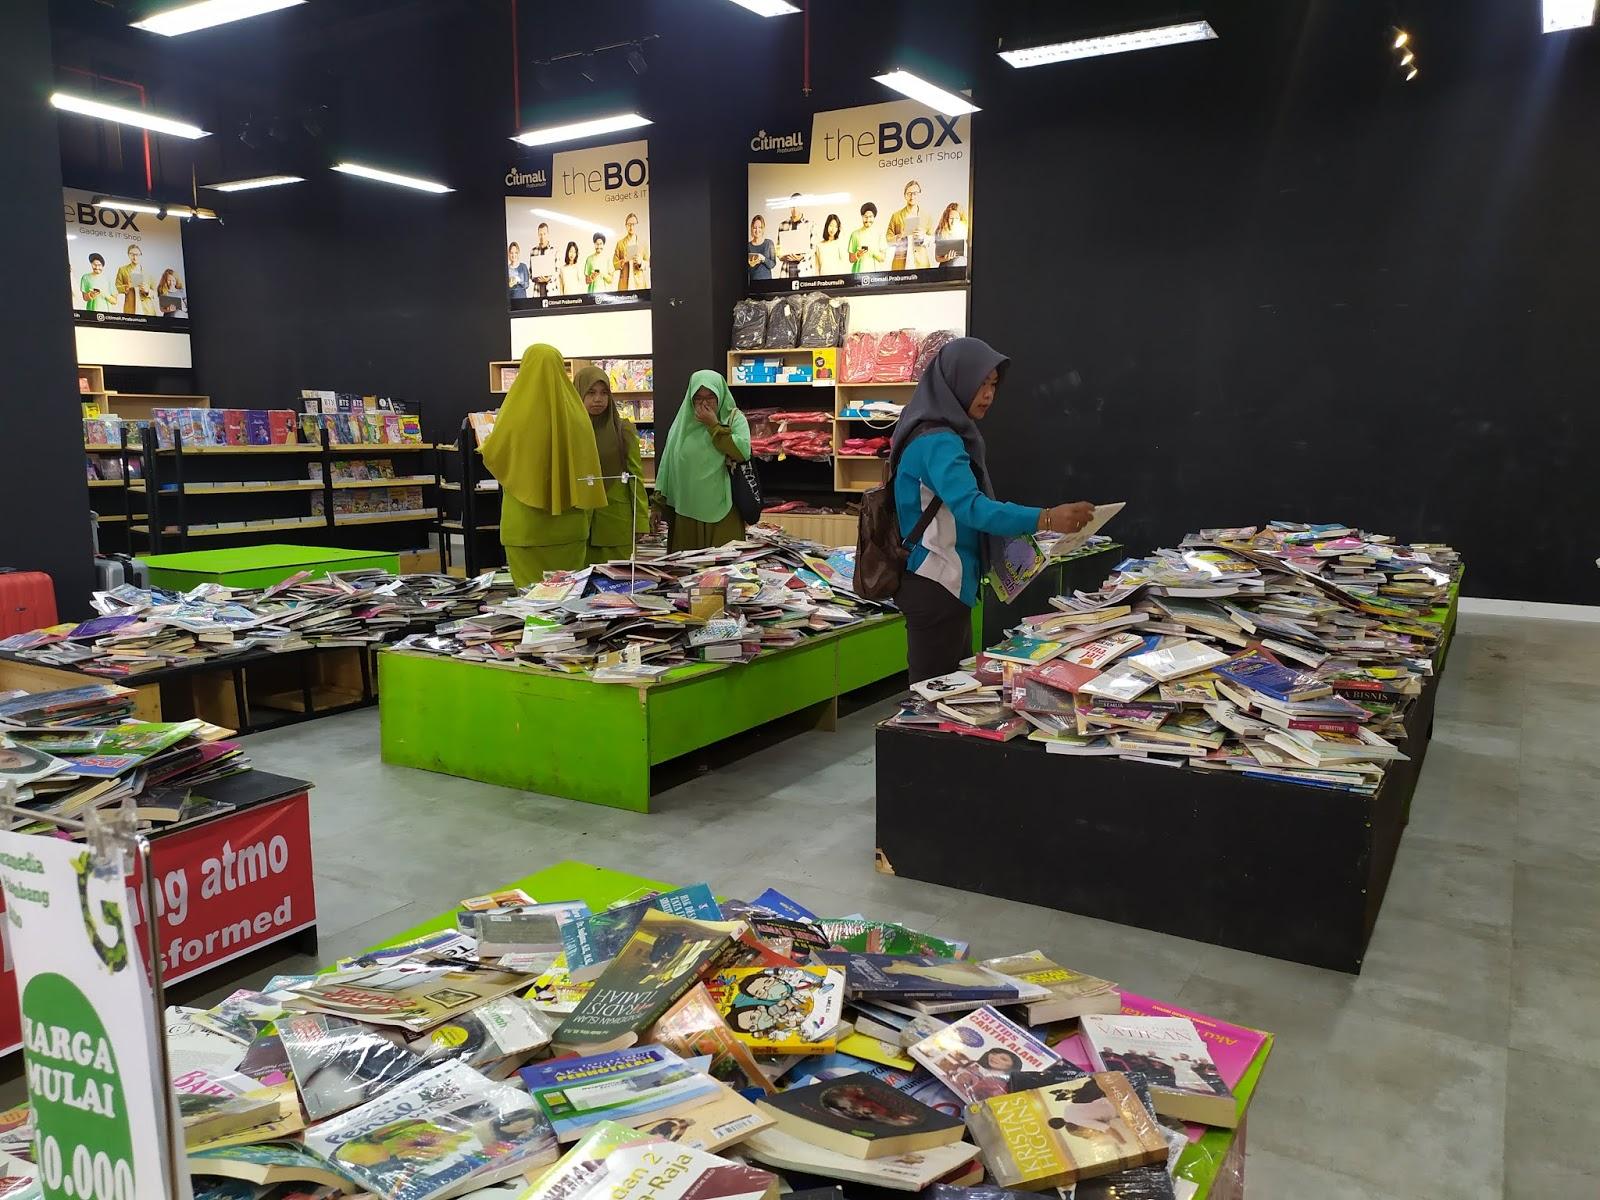 Toko Buku Gramedia Atmo Akhirnya Buka Cabang Di Prabumulih